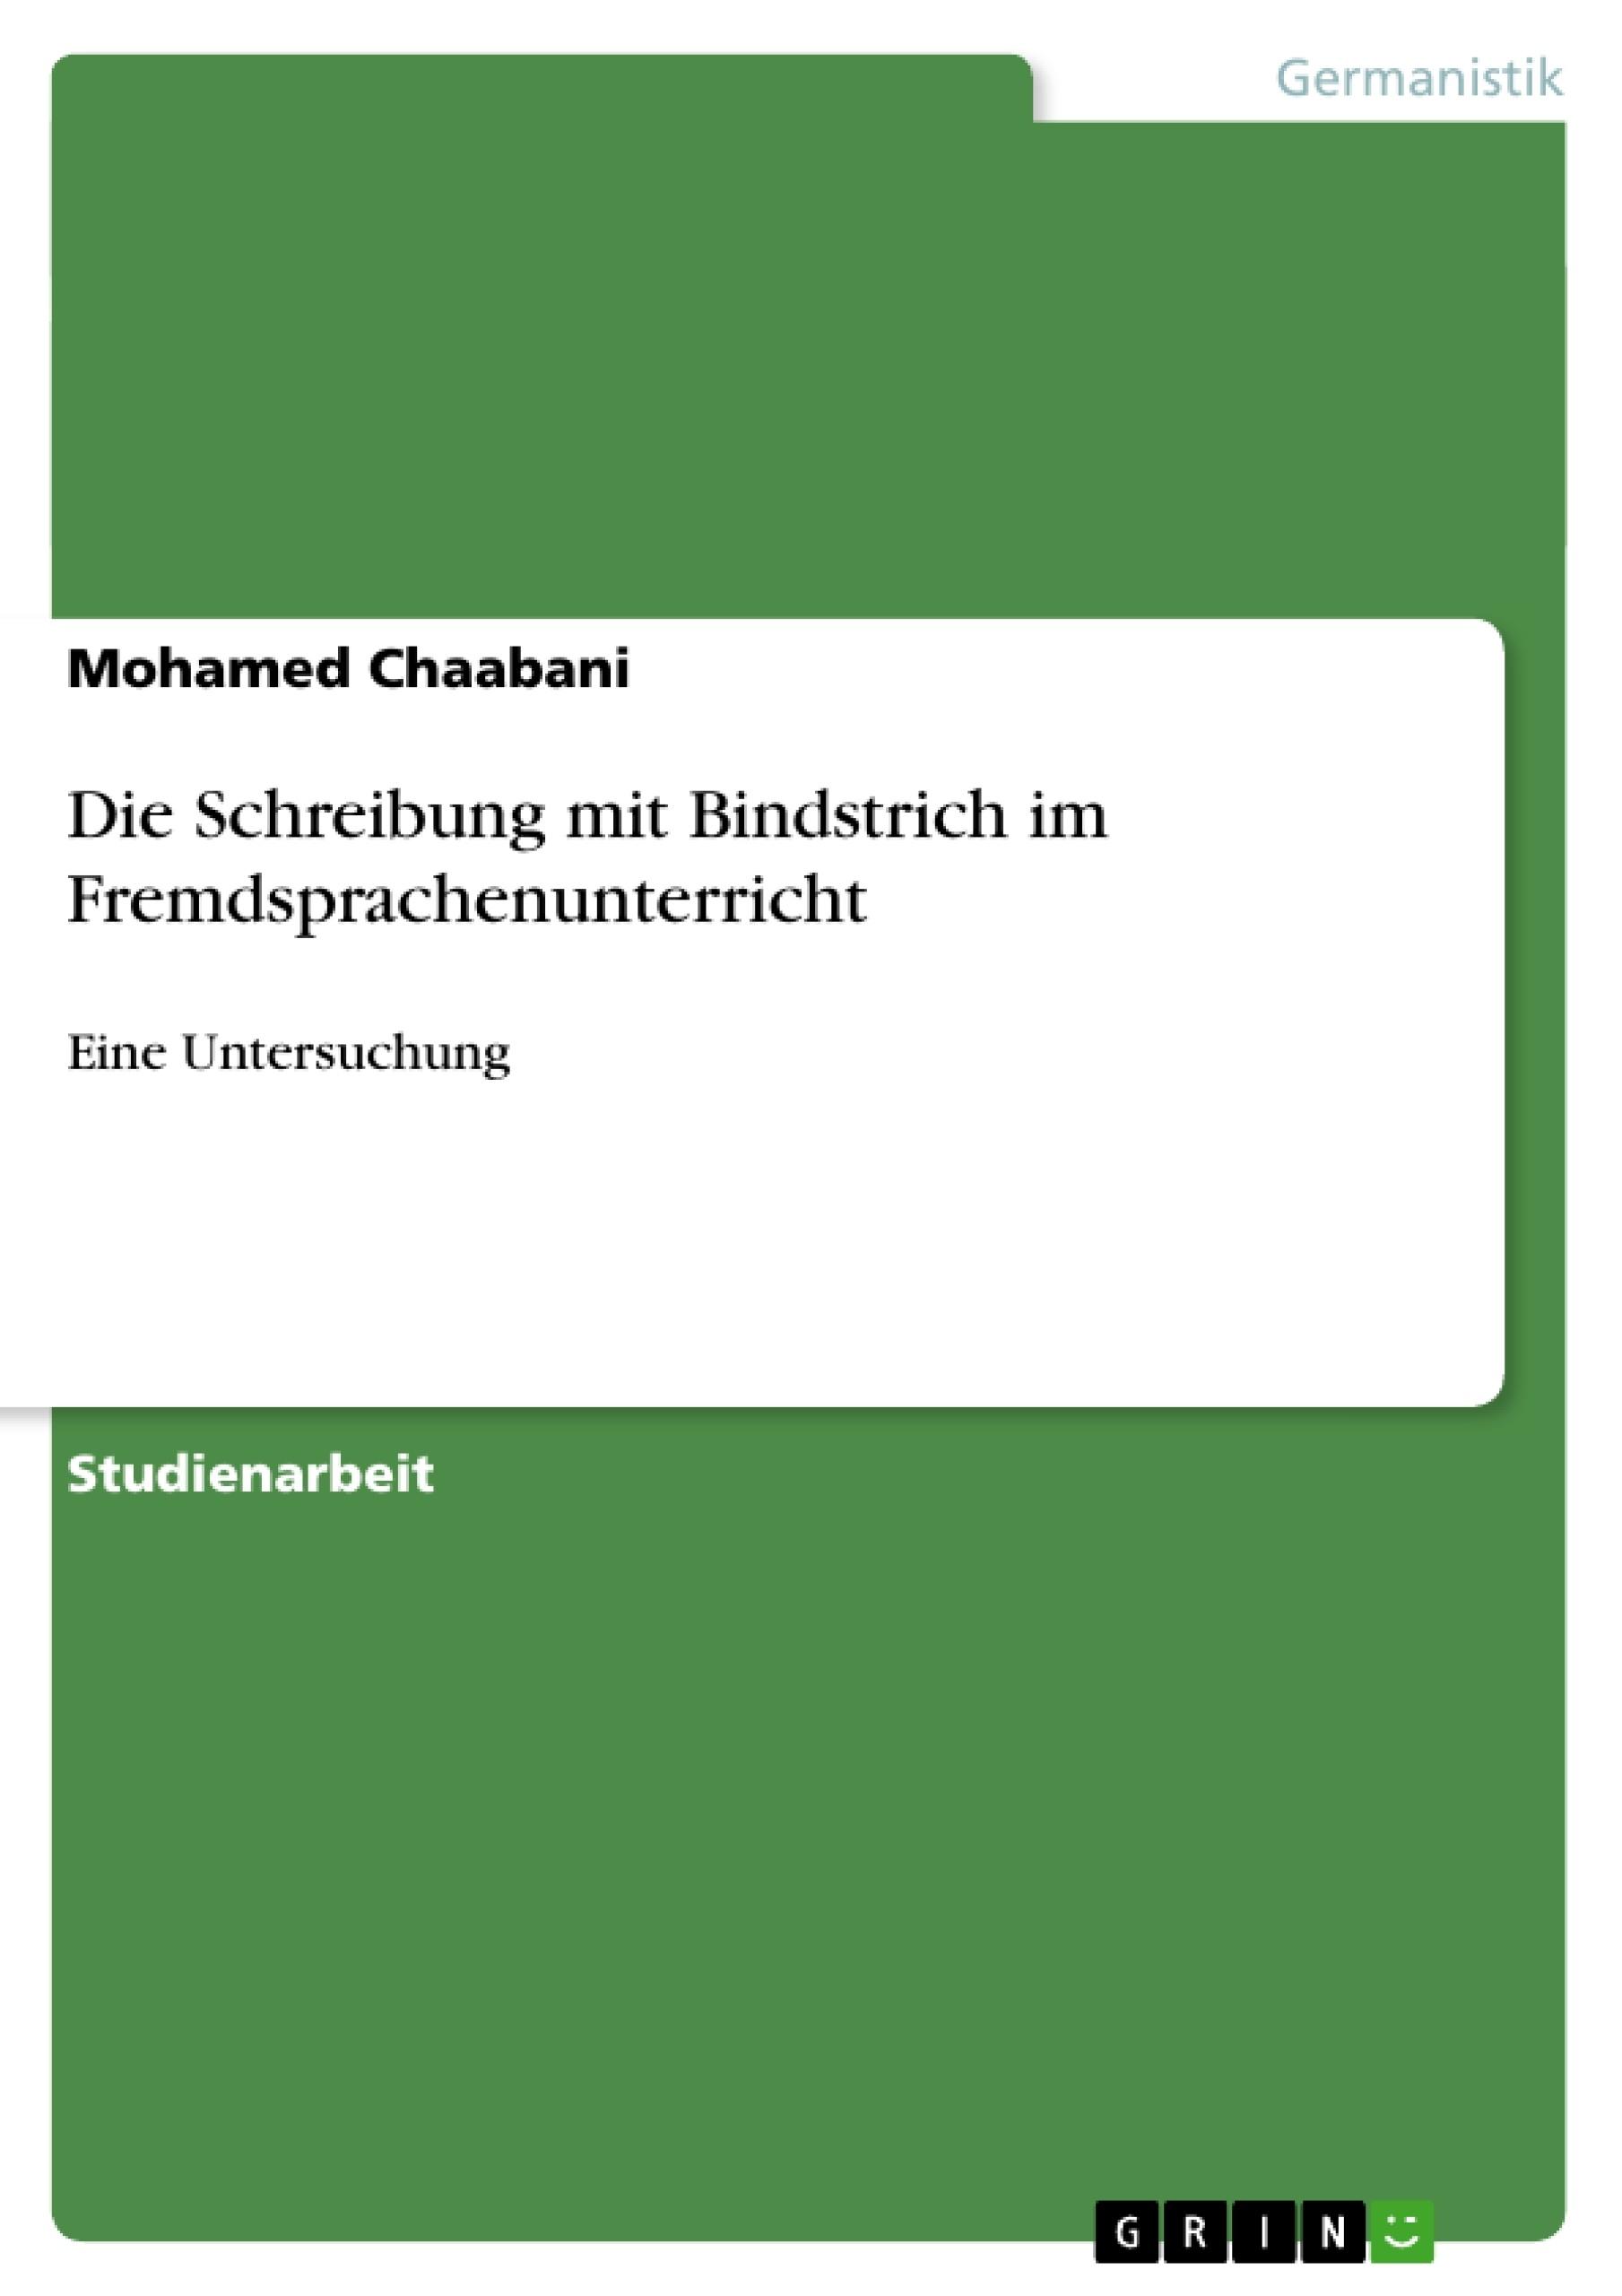 Titel: Die Schreibung mit Bindstrich im Fremdsprachenunterricht